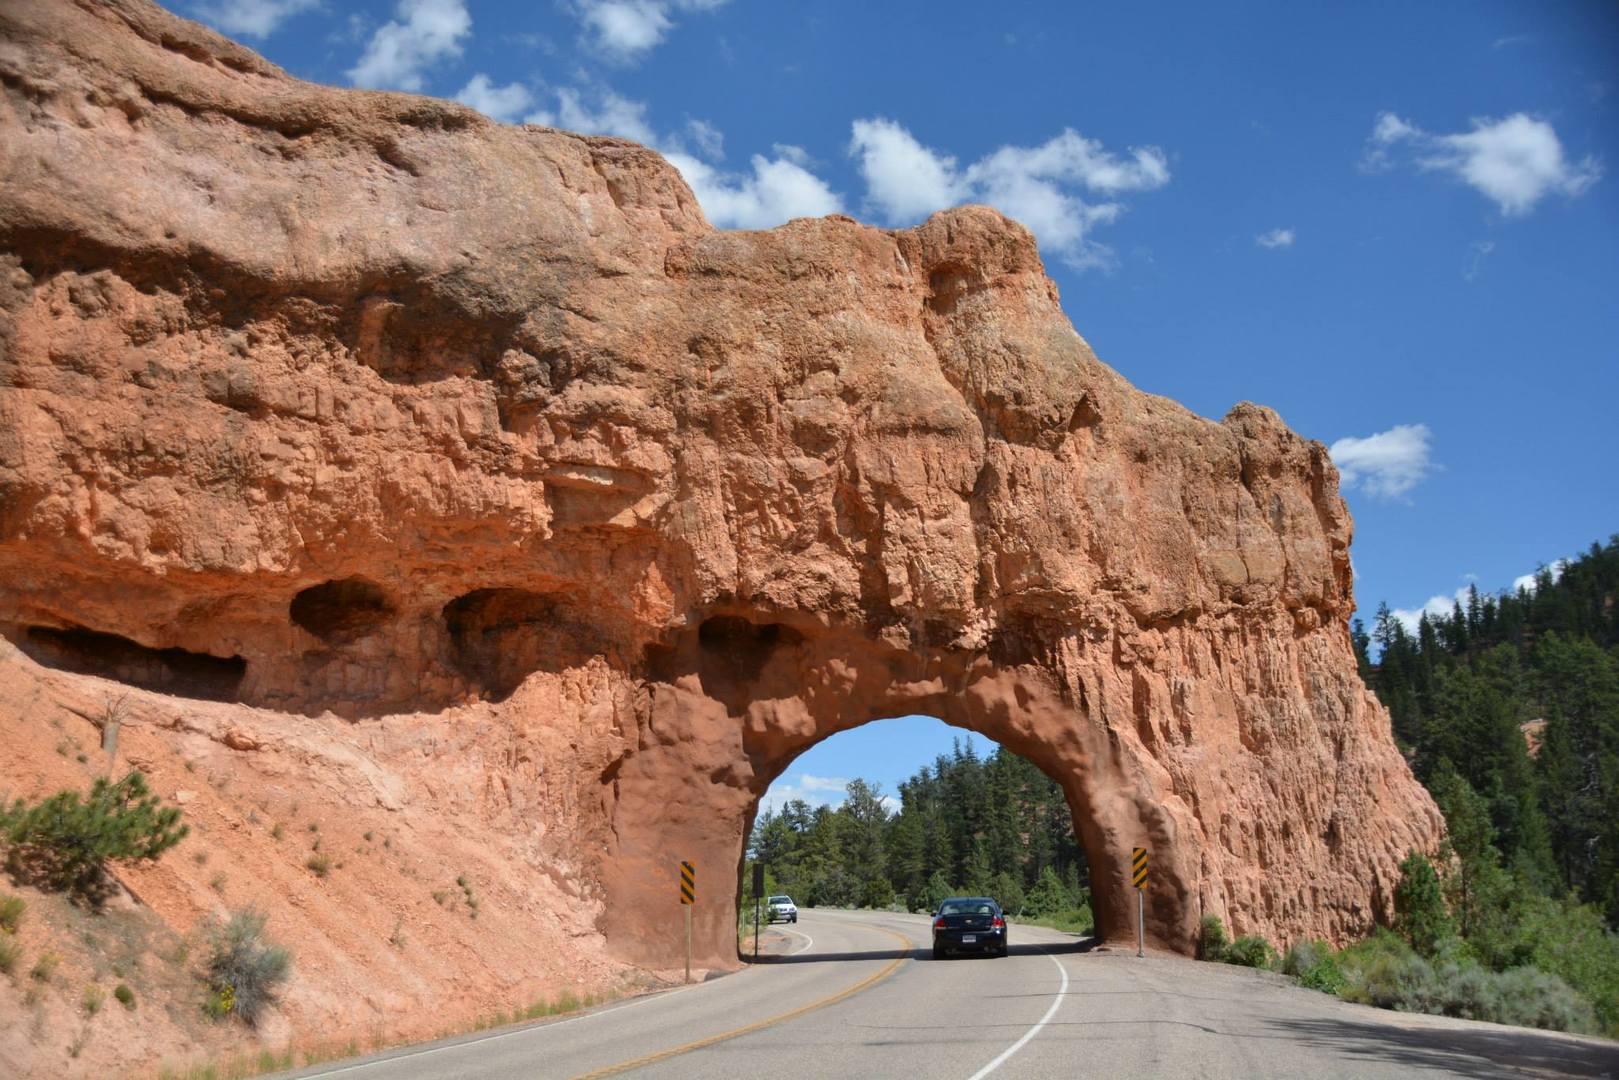 הכביש עובר במנהרה בסלע האדום